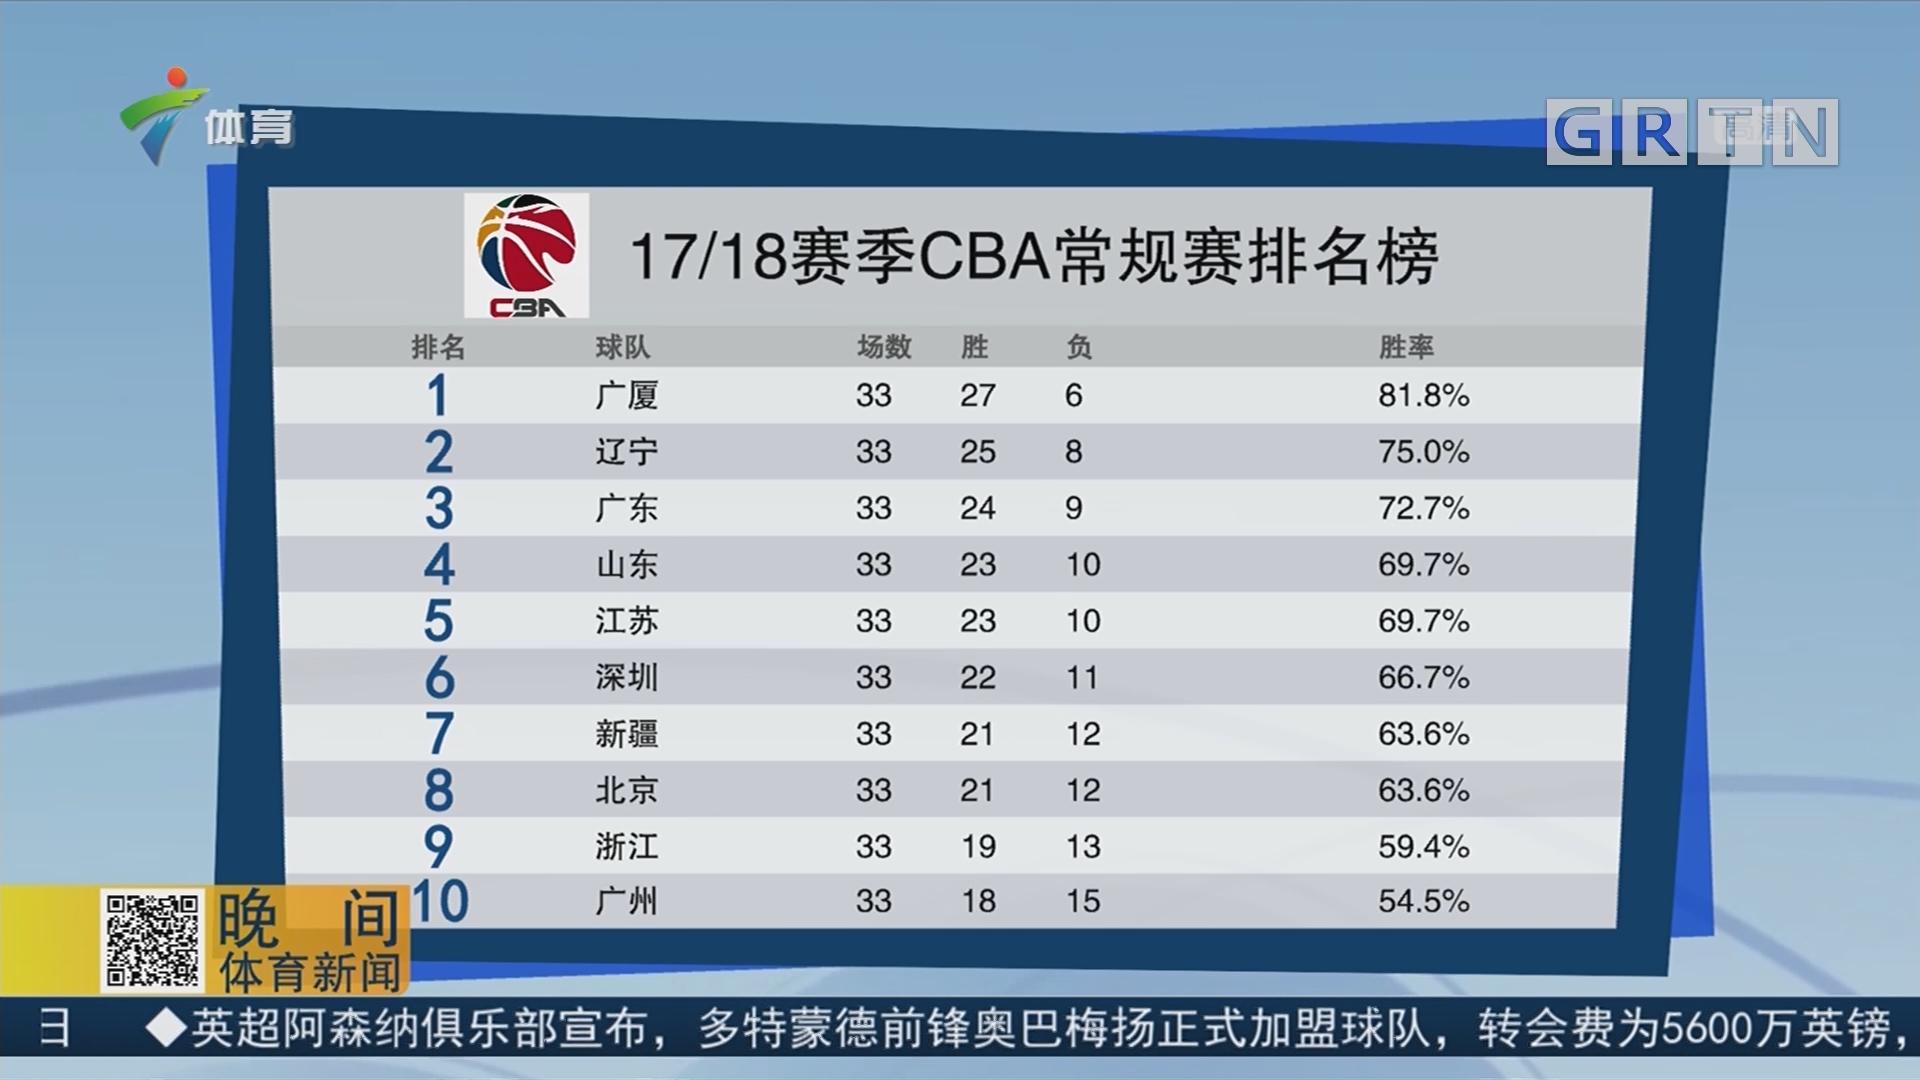 17/18赛季CBA常规赛排名榜